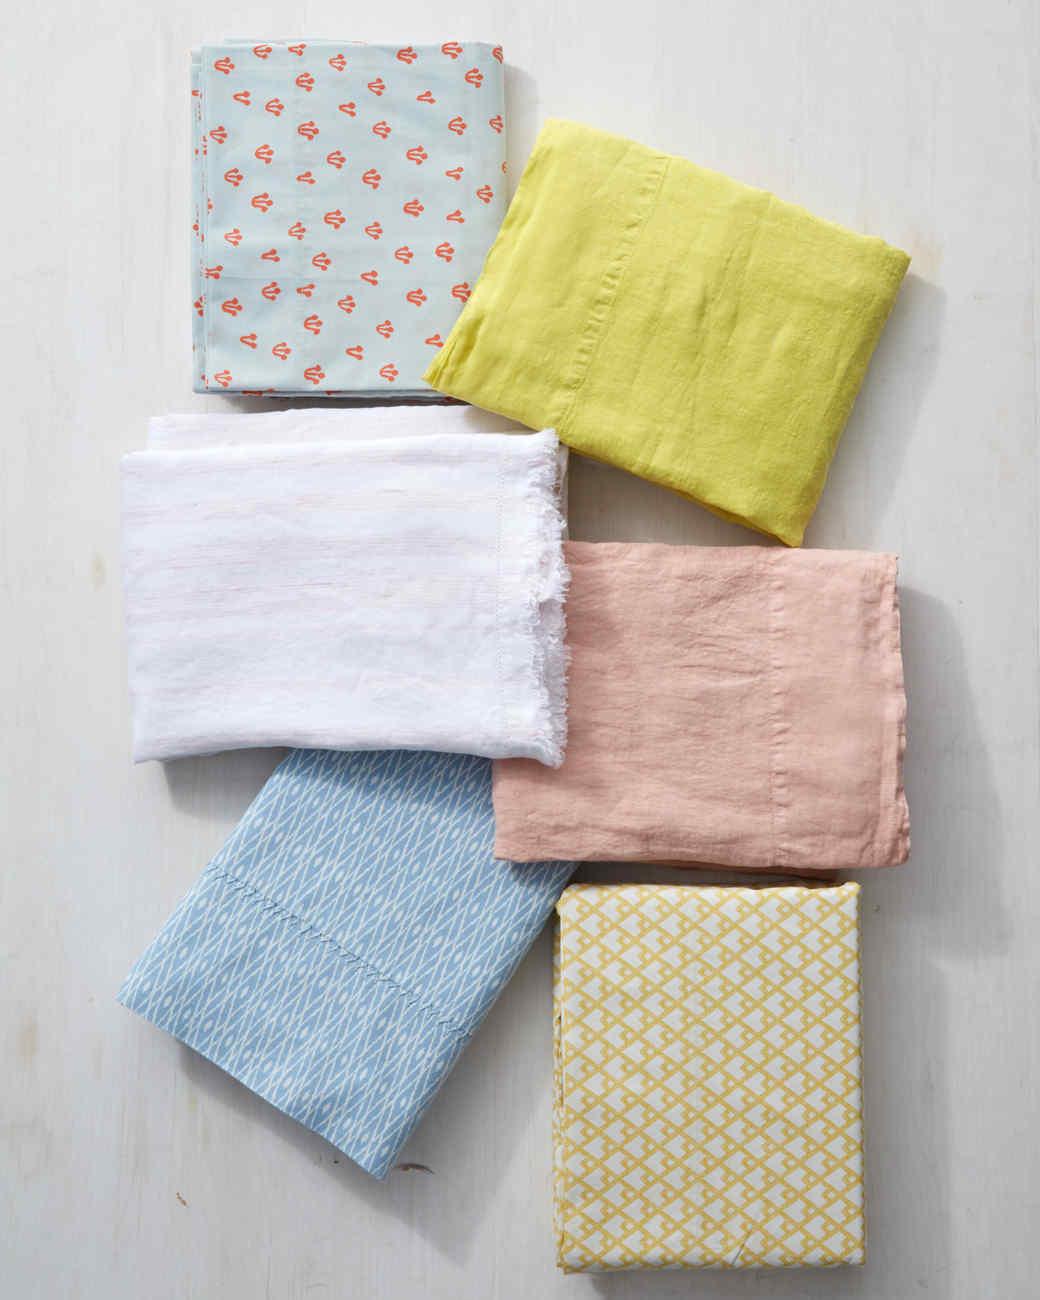 sheets-7425-d112914.jpg